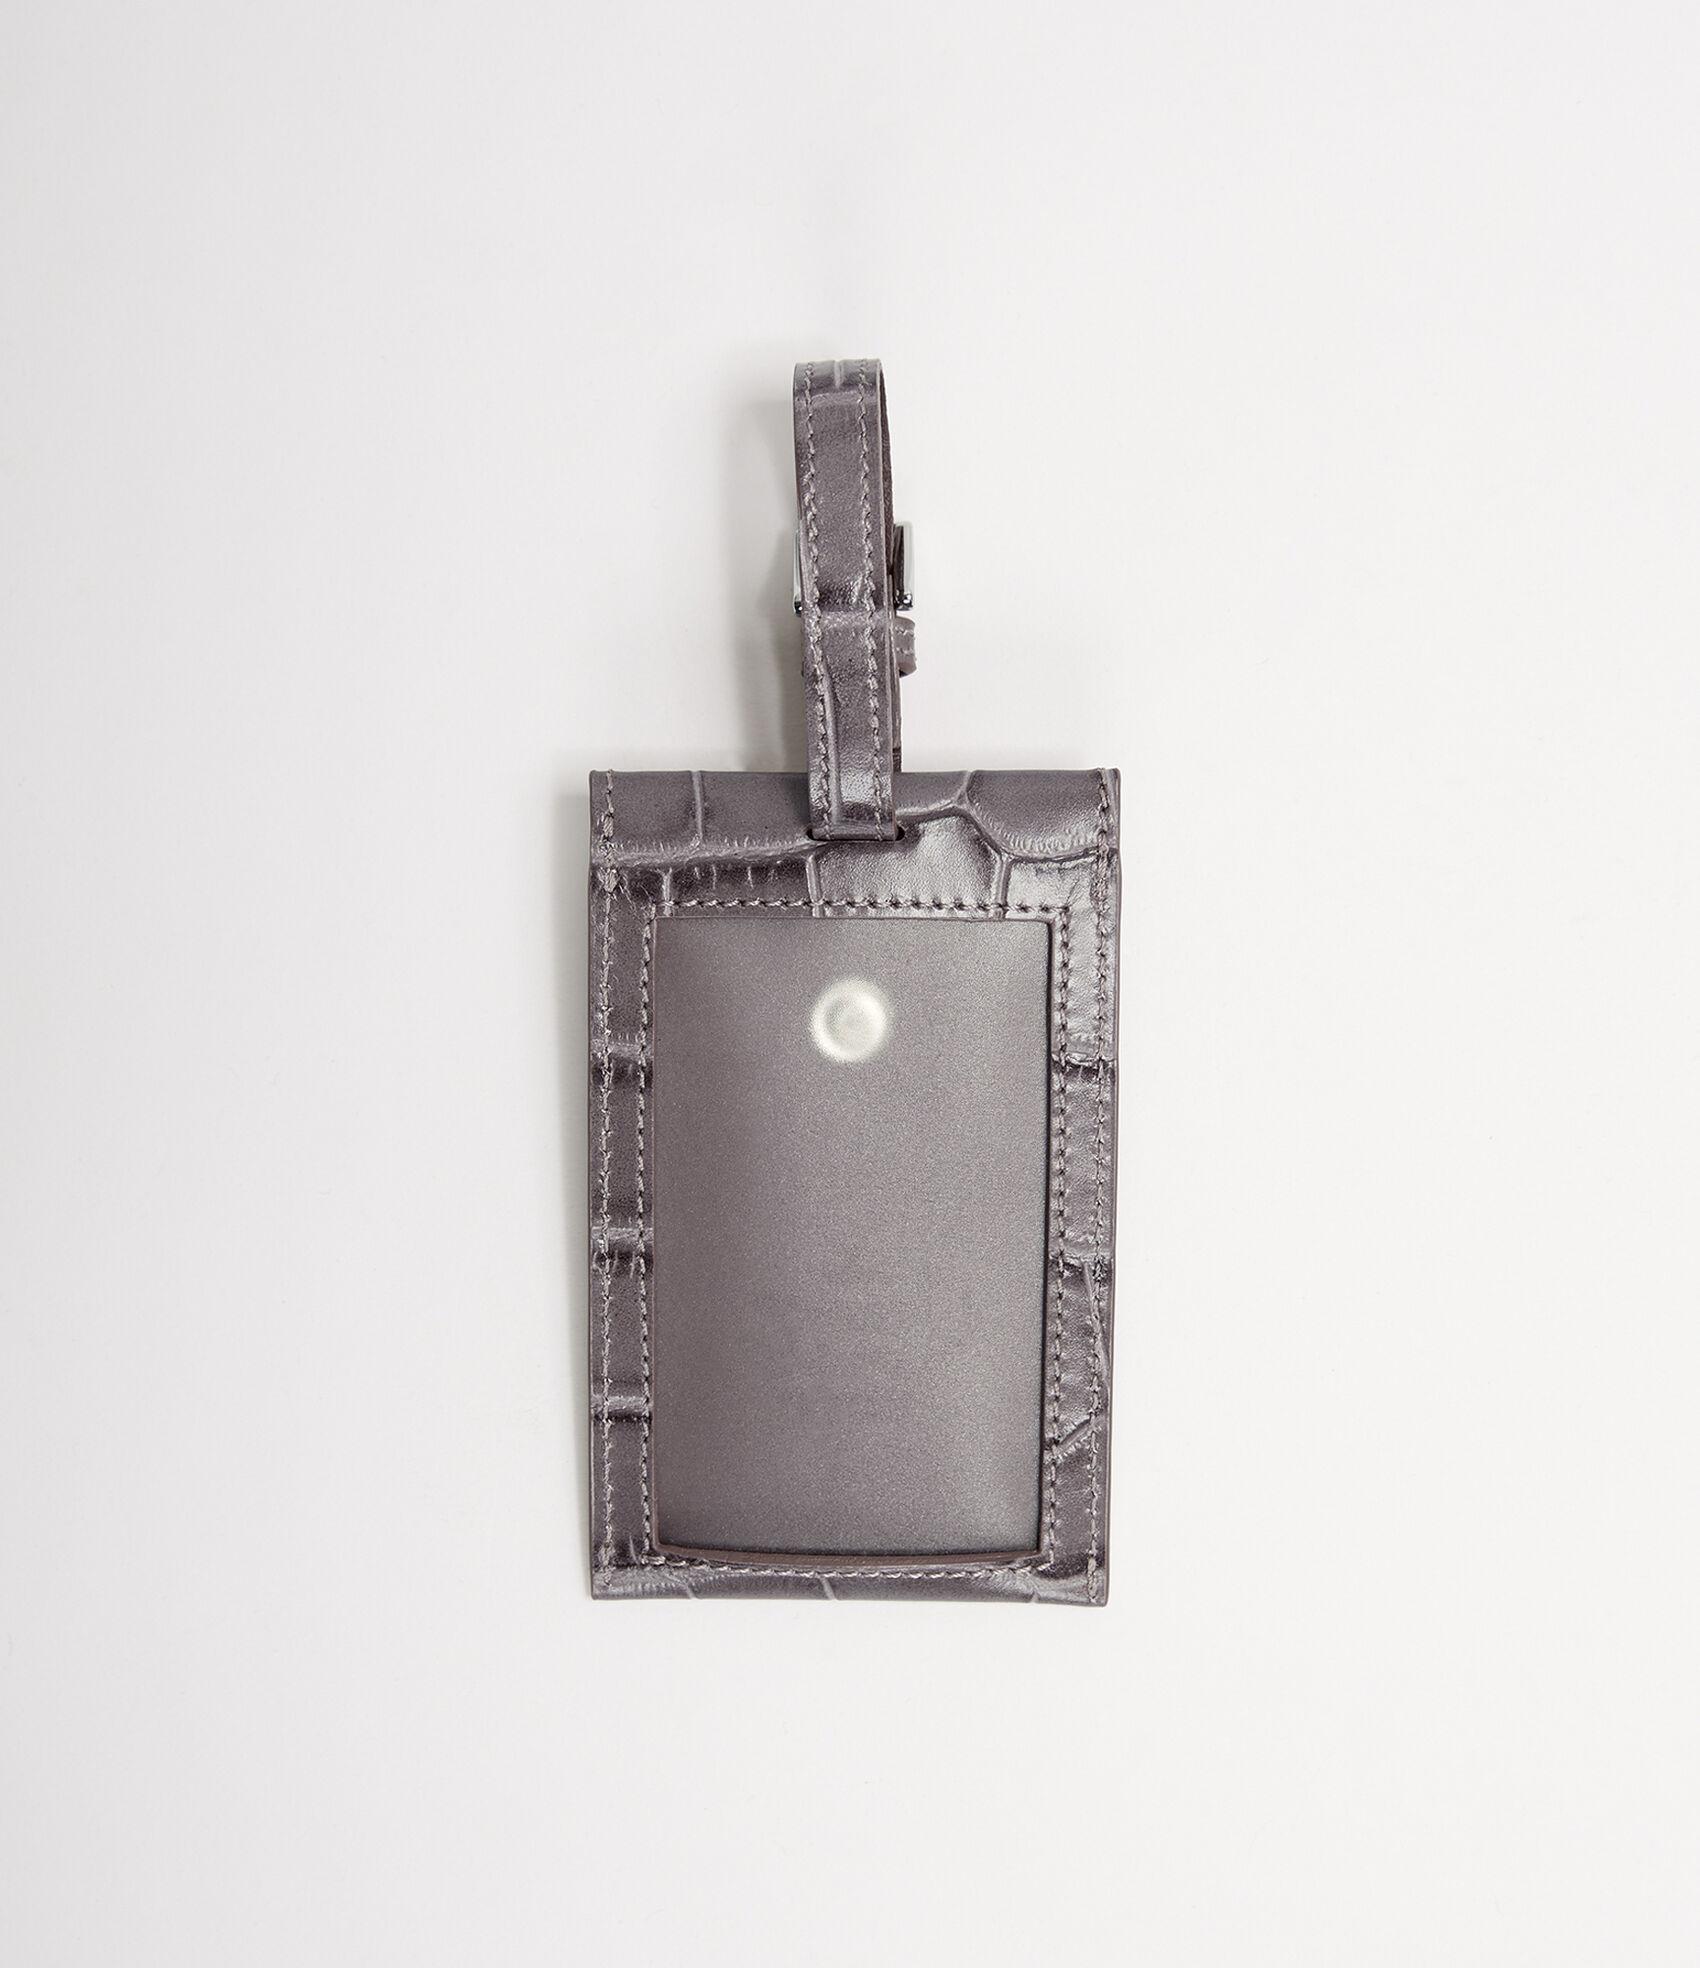 7a013f36747 Vivienne Westwood Women's Designer Original Accessories ...